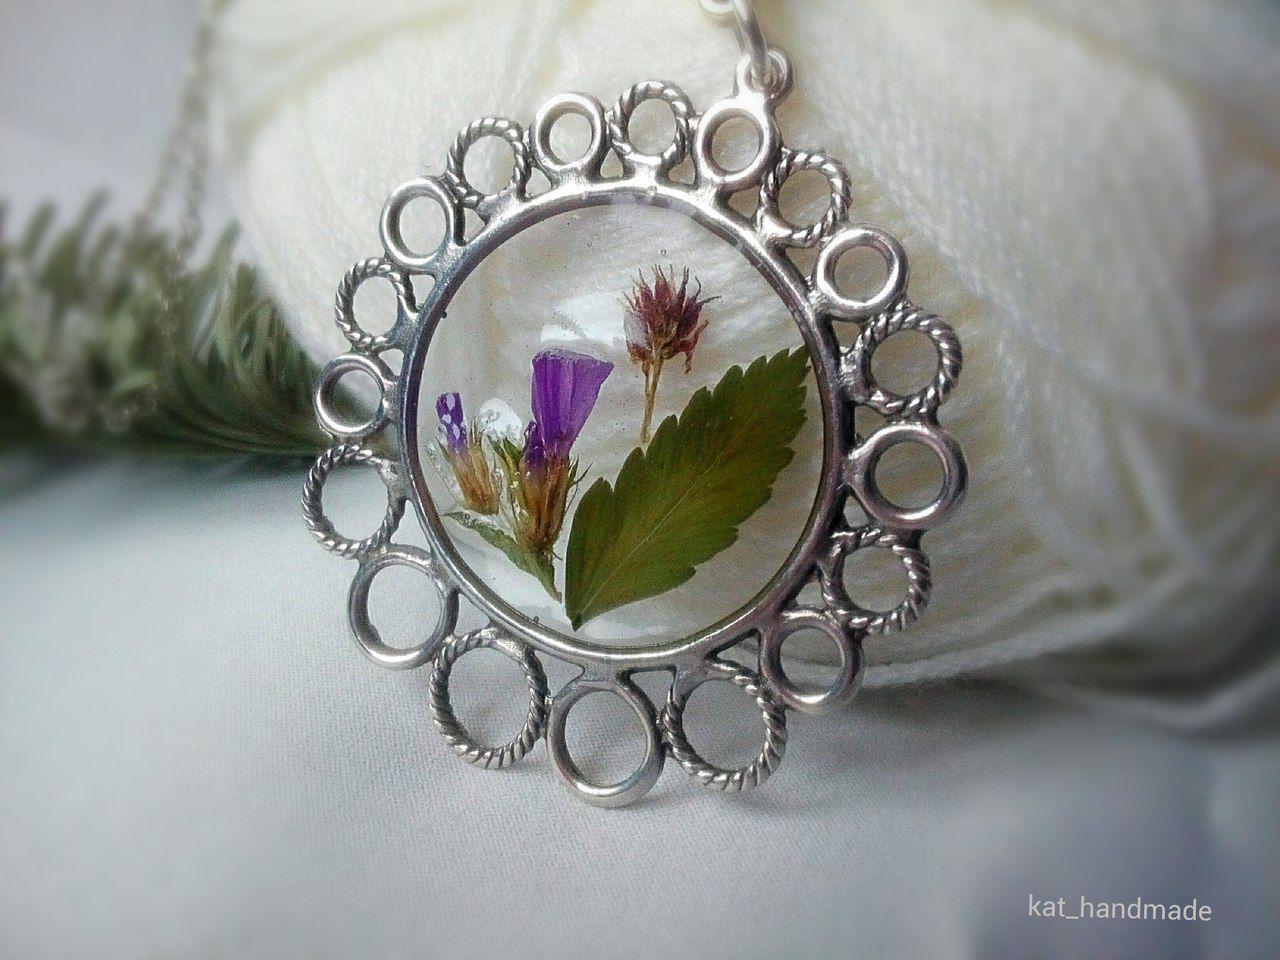 эпоксиднаясмола подарок кулонручнойработы гербарий украшения бижутерияручнойработы украшенияизсухоцветов подвескаизпоксиднойсмолы